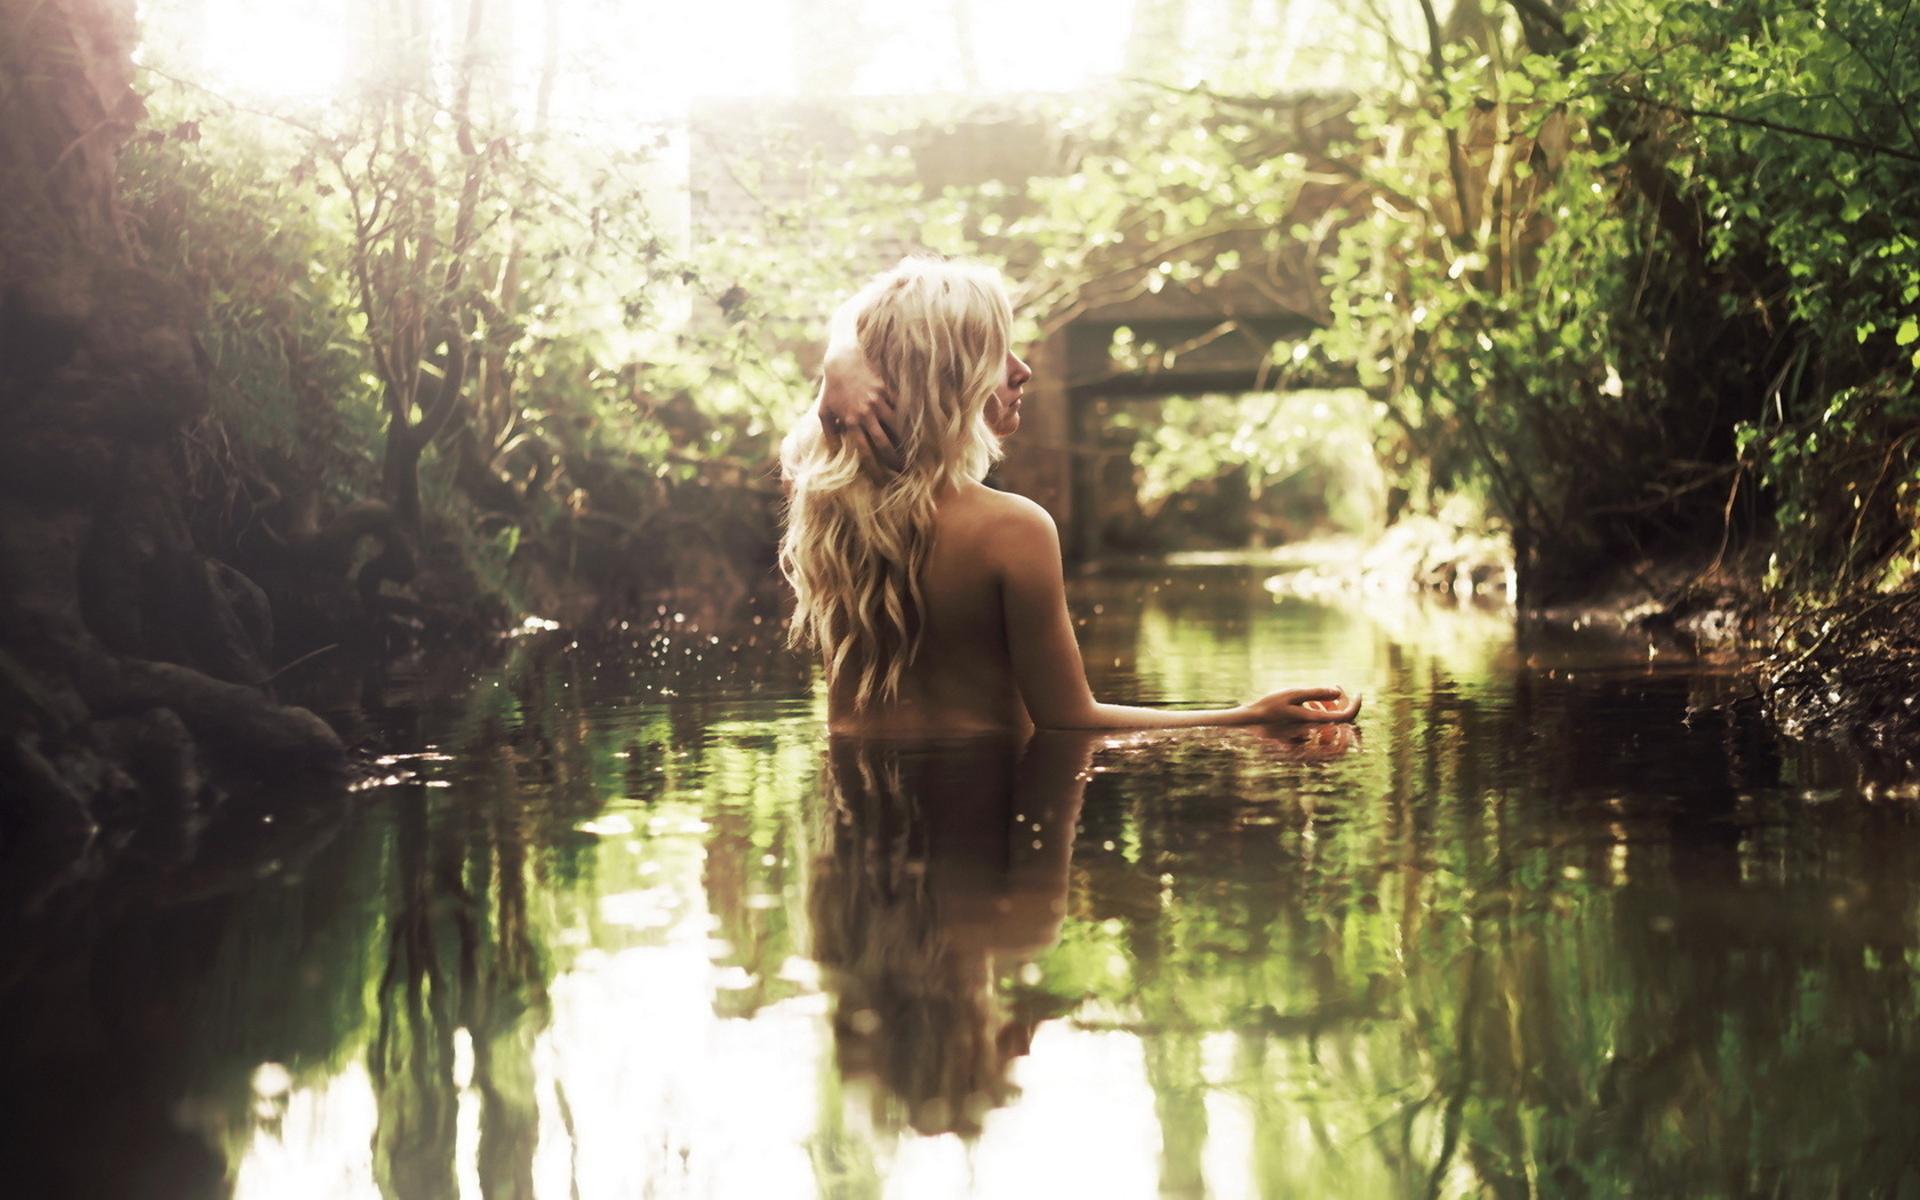 Эротика на речке от расшалившейся сексуальной блондинки летом  439676